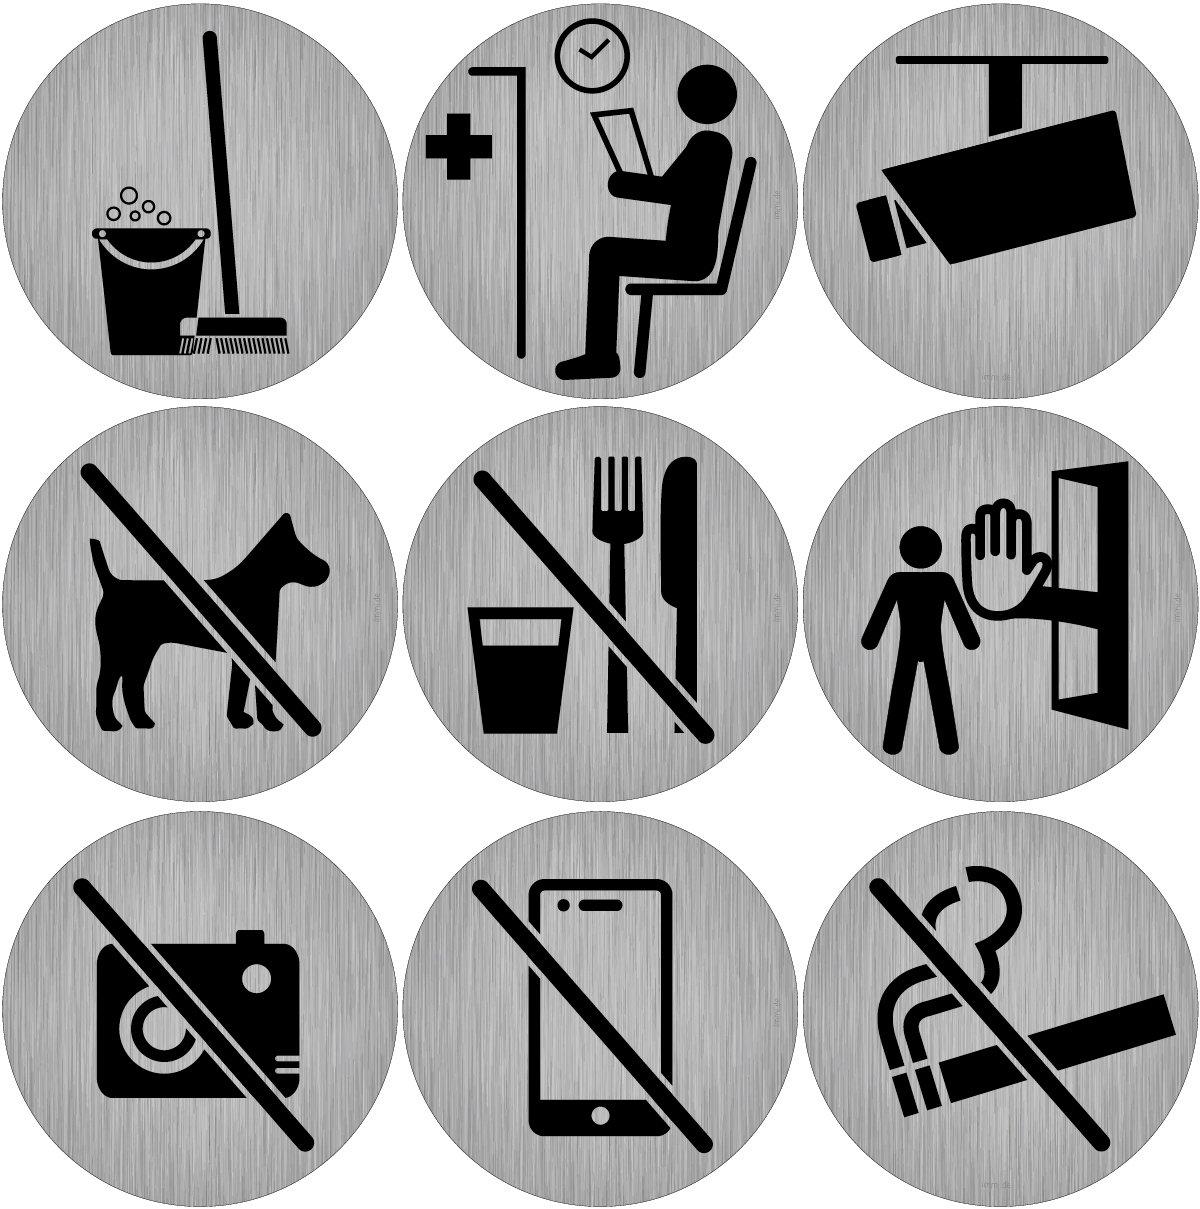 9Porte Panneaux pour les entreprises, Cliniques et pratiques, autocollants ronds à Aspect acier inoxydable, Ø 9,5cm chacun, Pictogrammes autocollants ronds à Aspect acier inoxydable Ø 9 5cm chacun immi.de